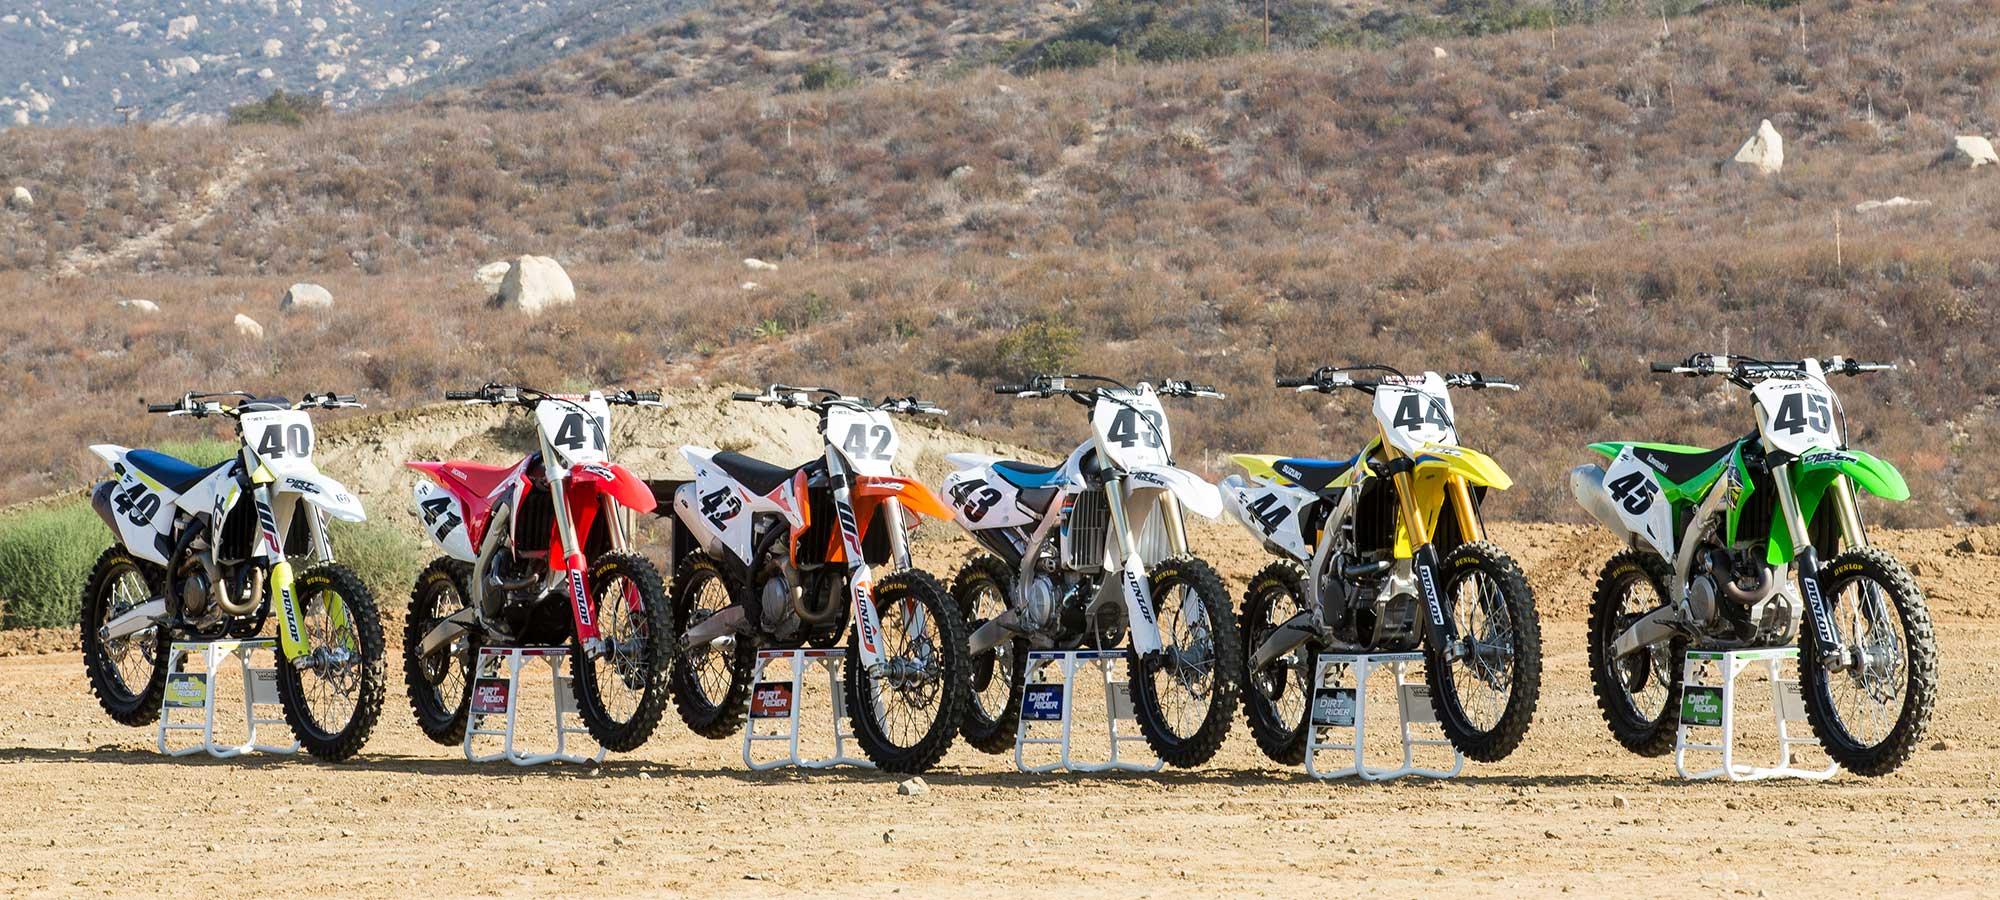 2019 450 MX Shootout | Dirt Rider